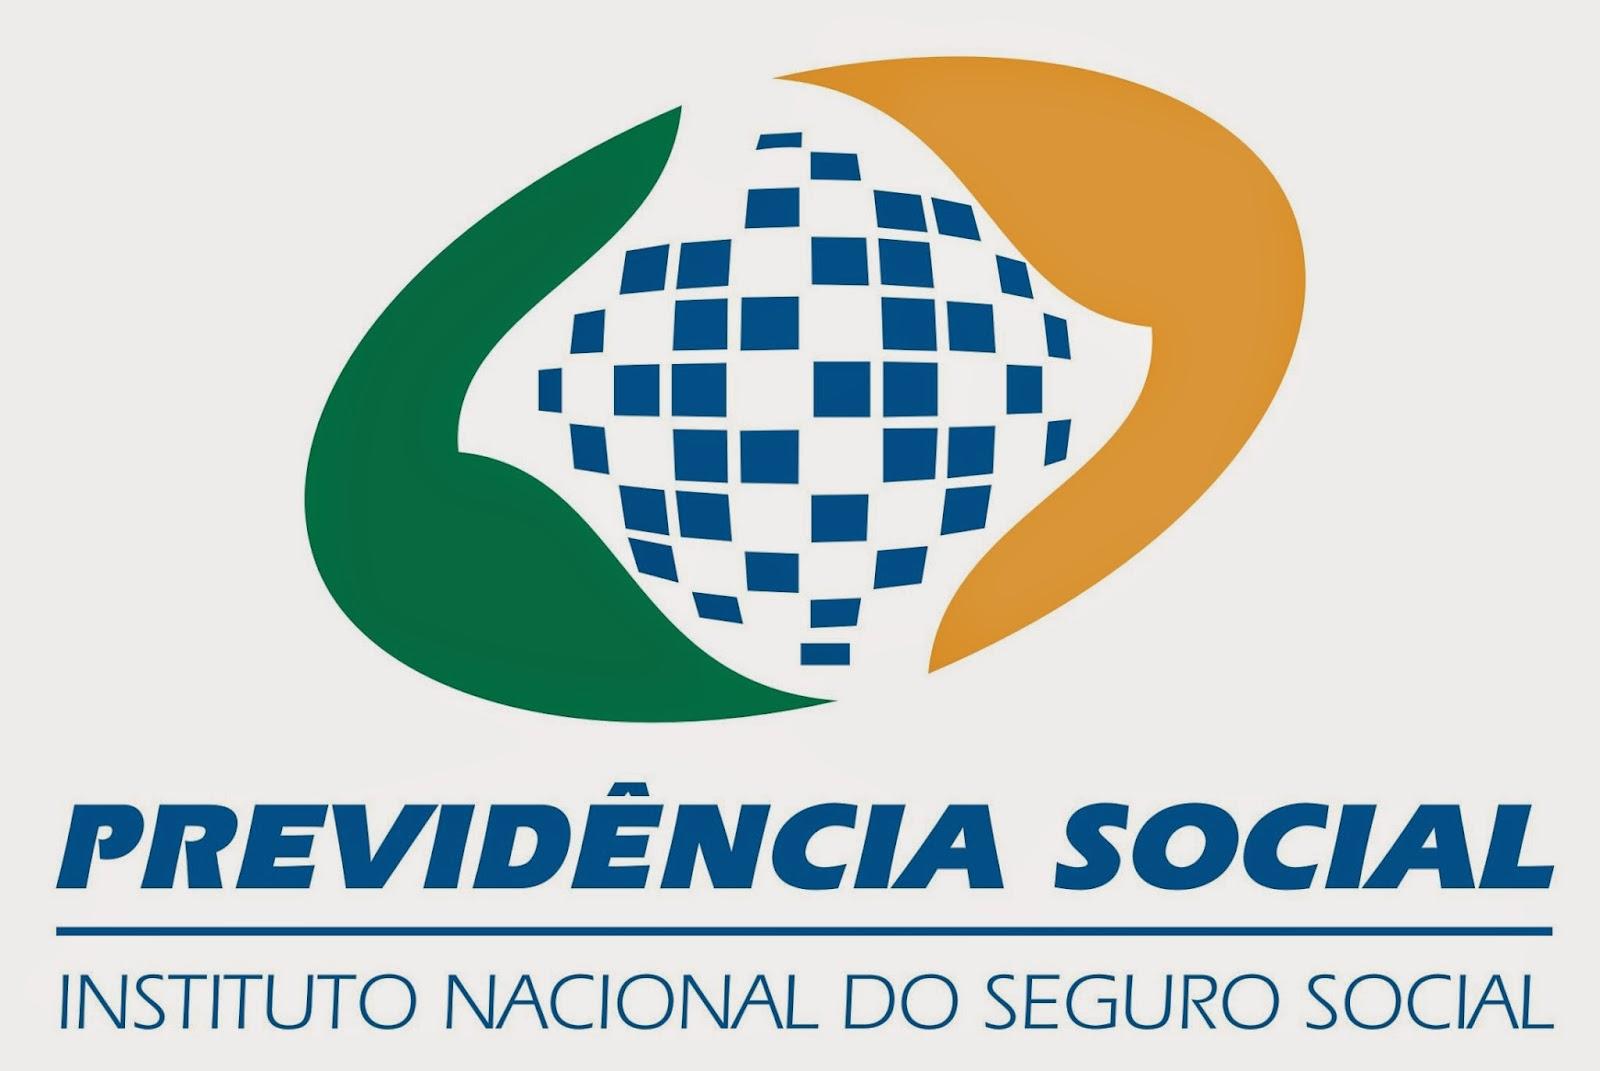 Direitos do segurado do INSS passam a contar a partir da data de agendamento.